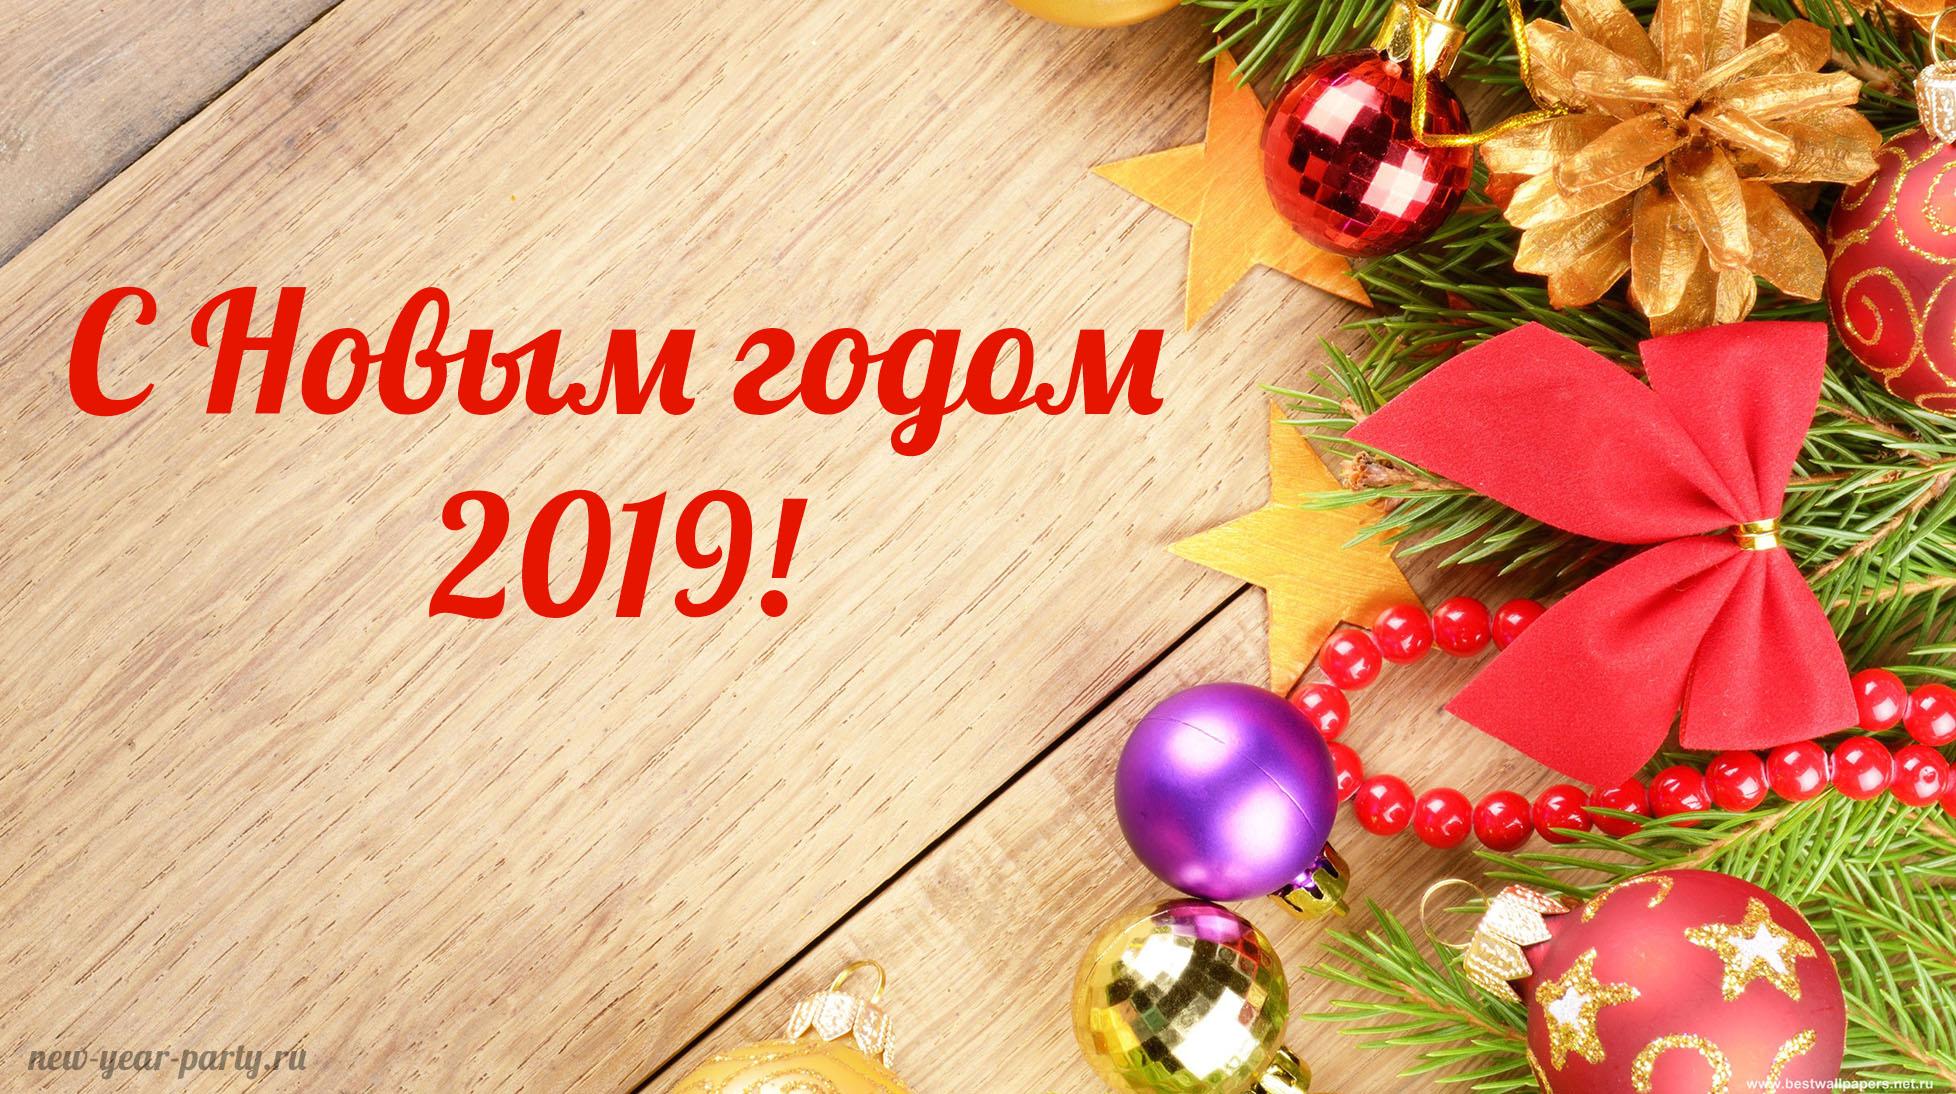 Уважаемые коллеги, друзья! С наступающим 2019 годом!